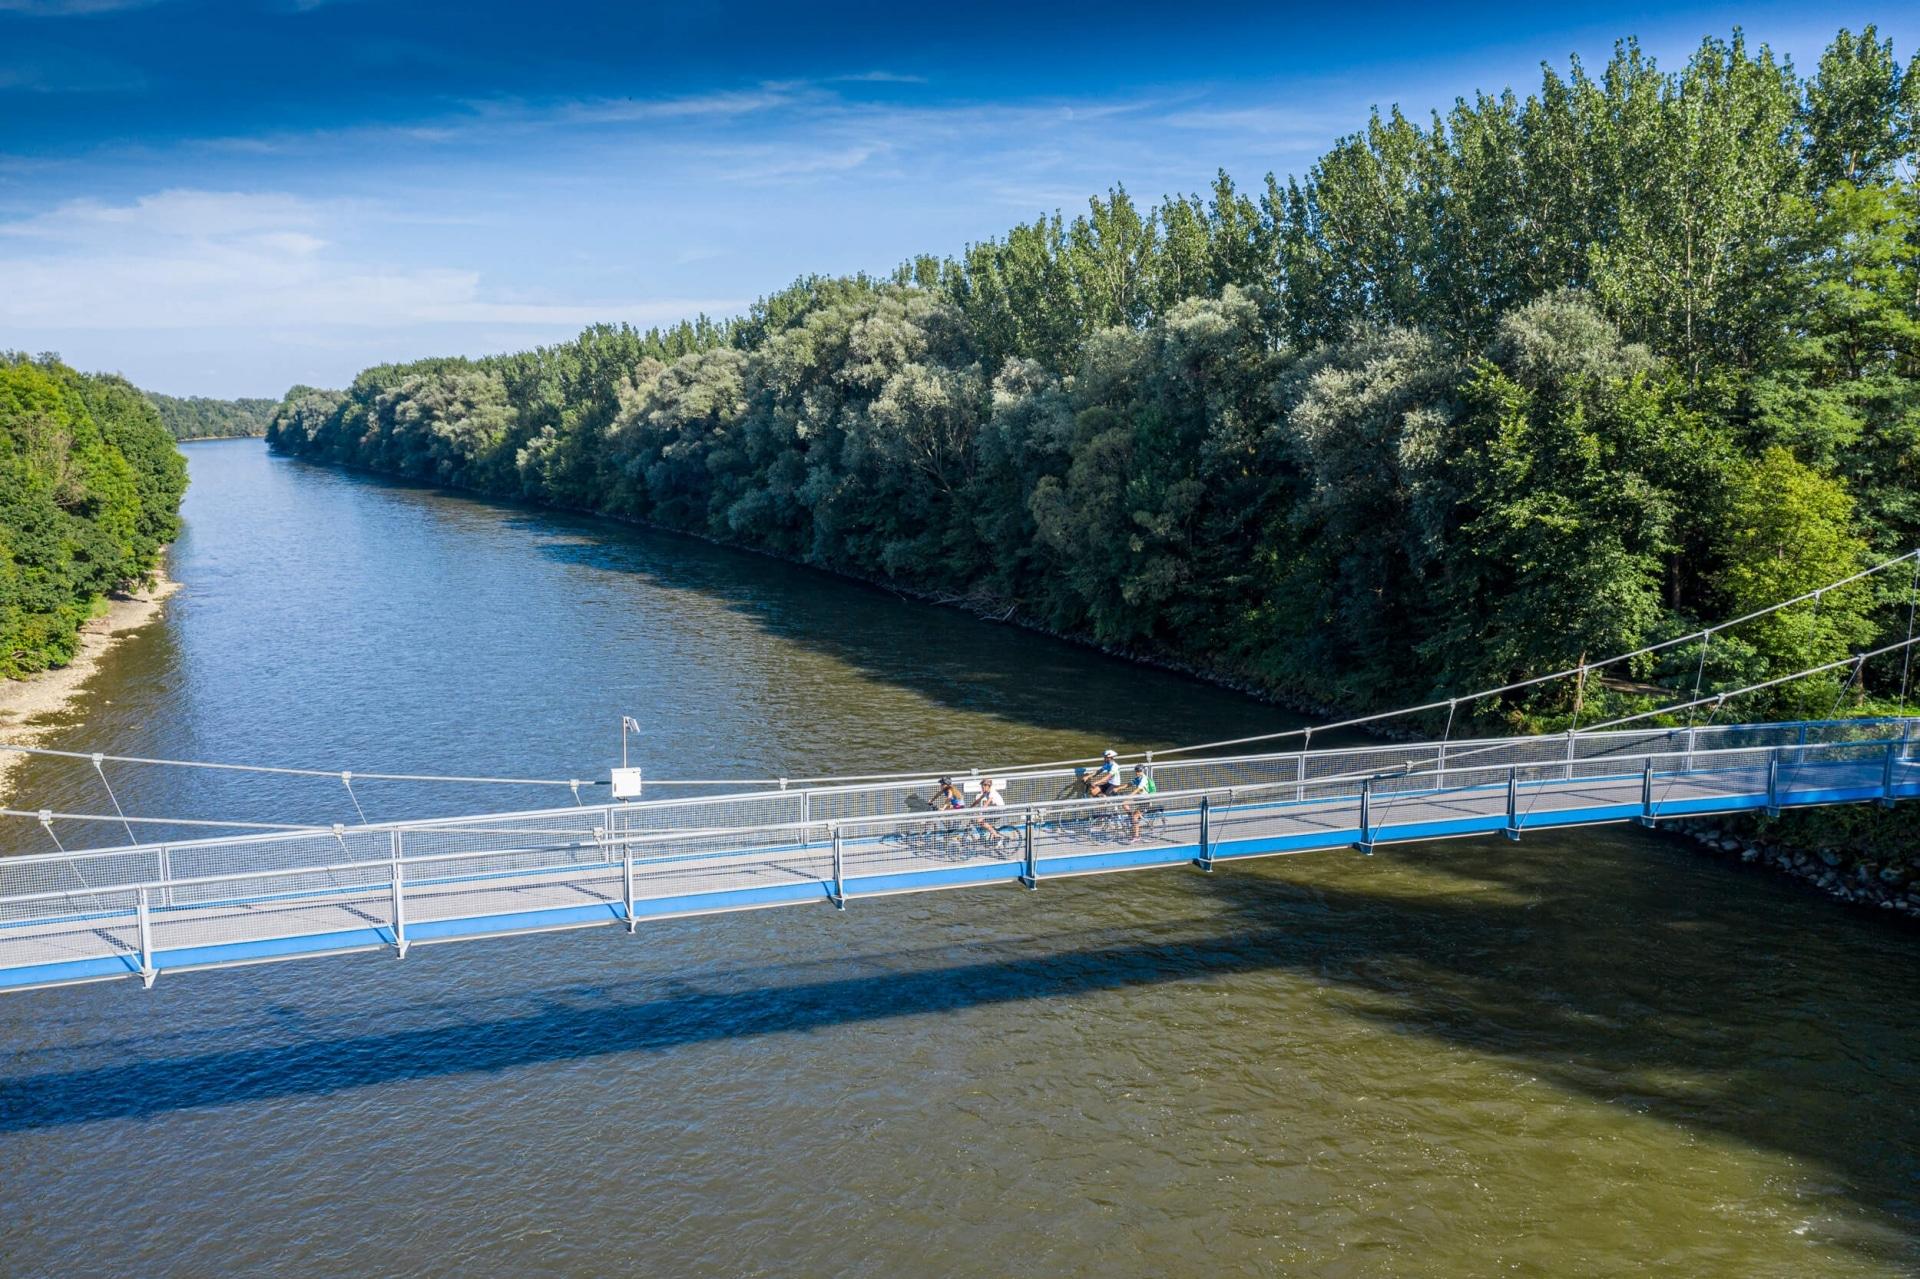 Mur Radbrücke © TVB Region Bad Radkersburg pixelmaker.at